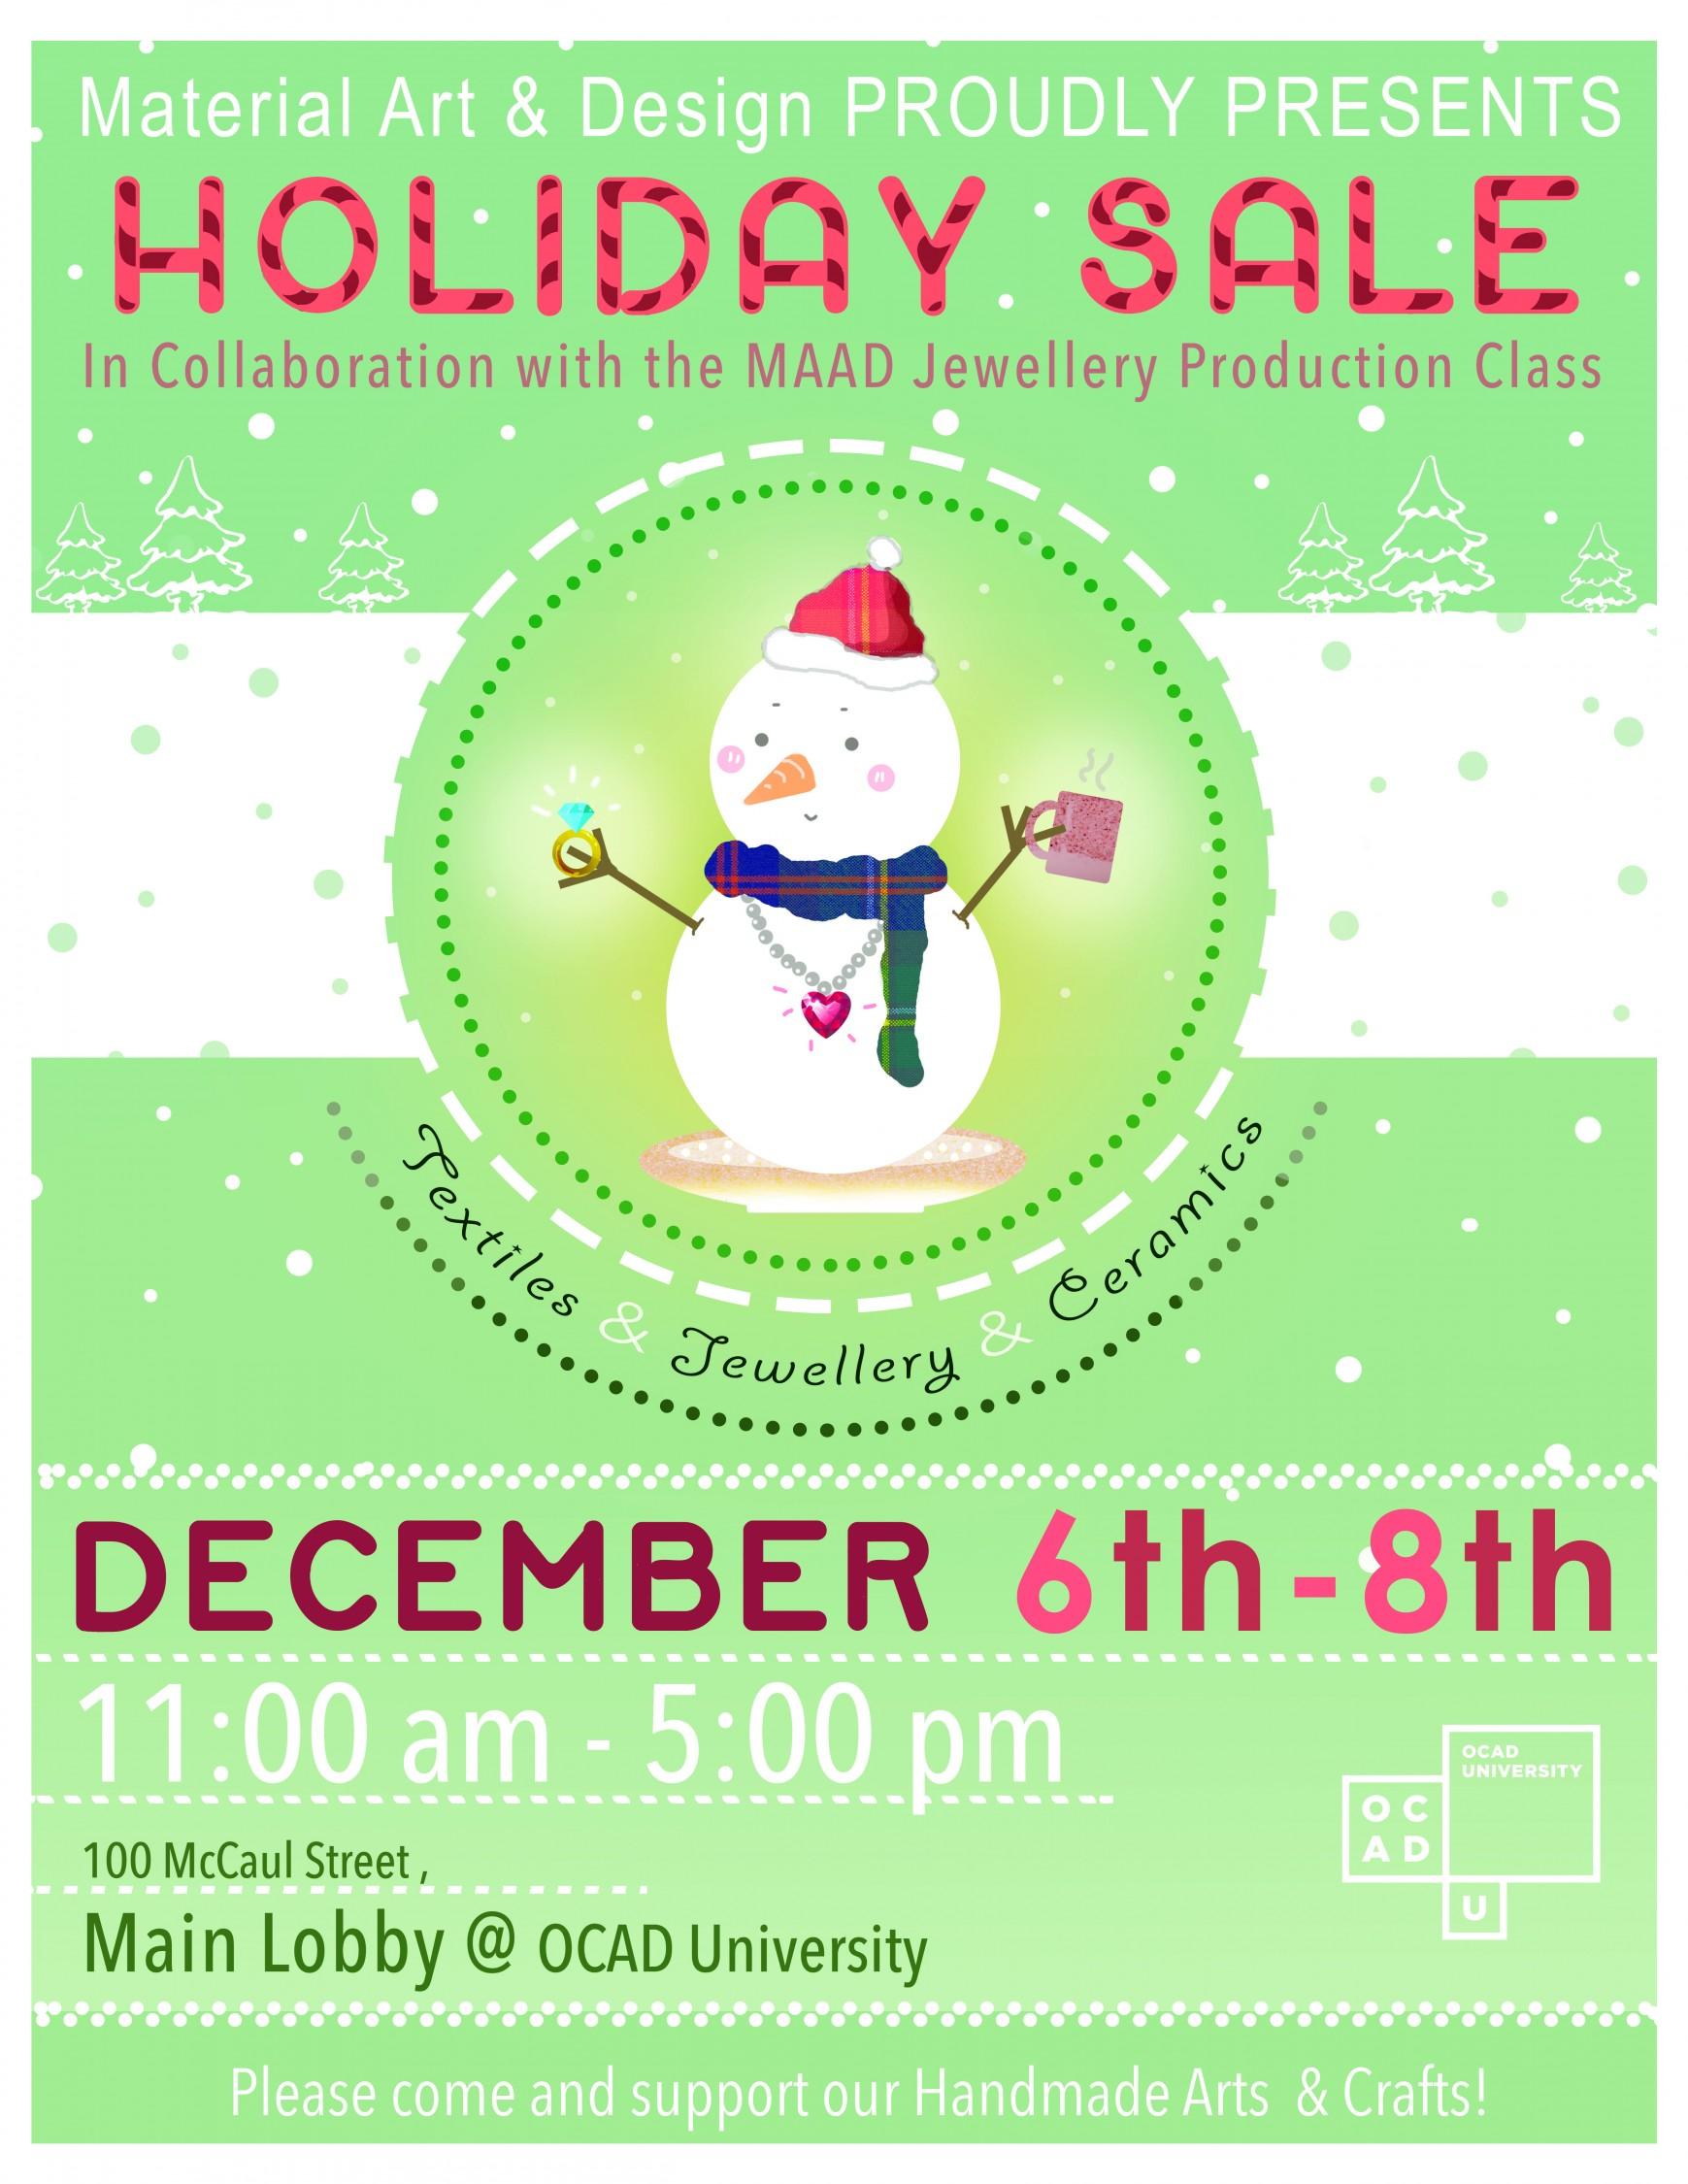 MAAD Holiday Sale